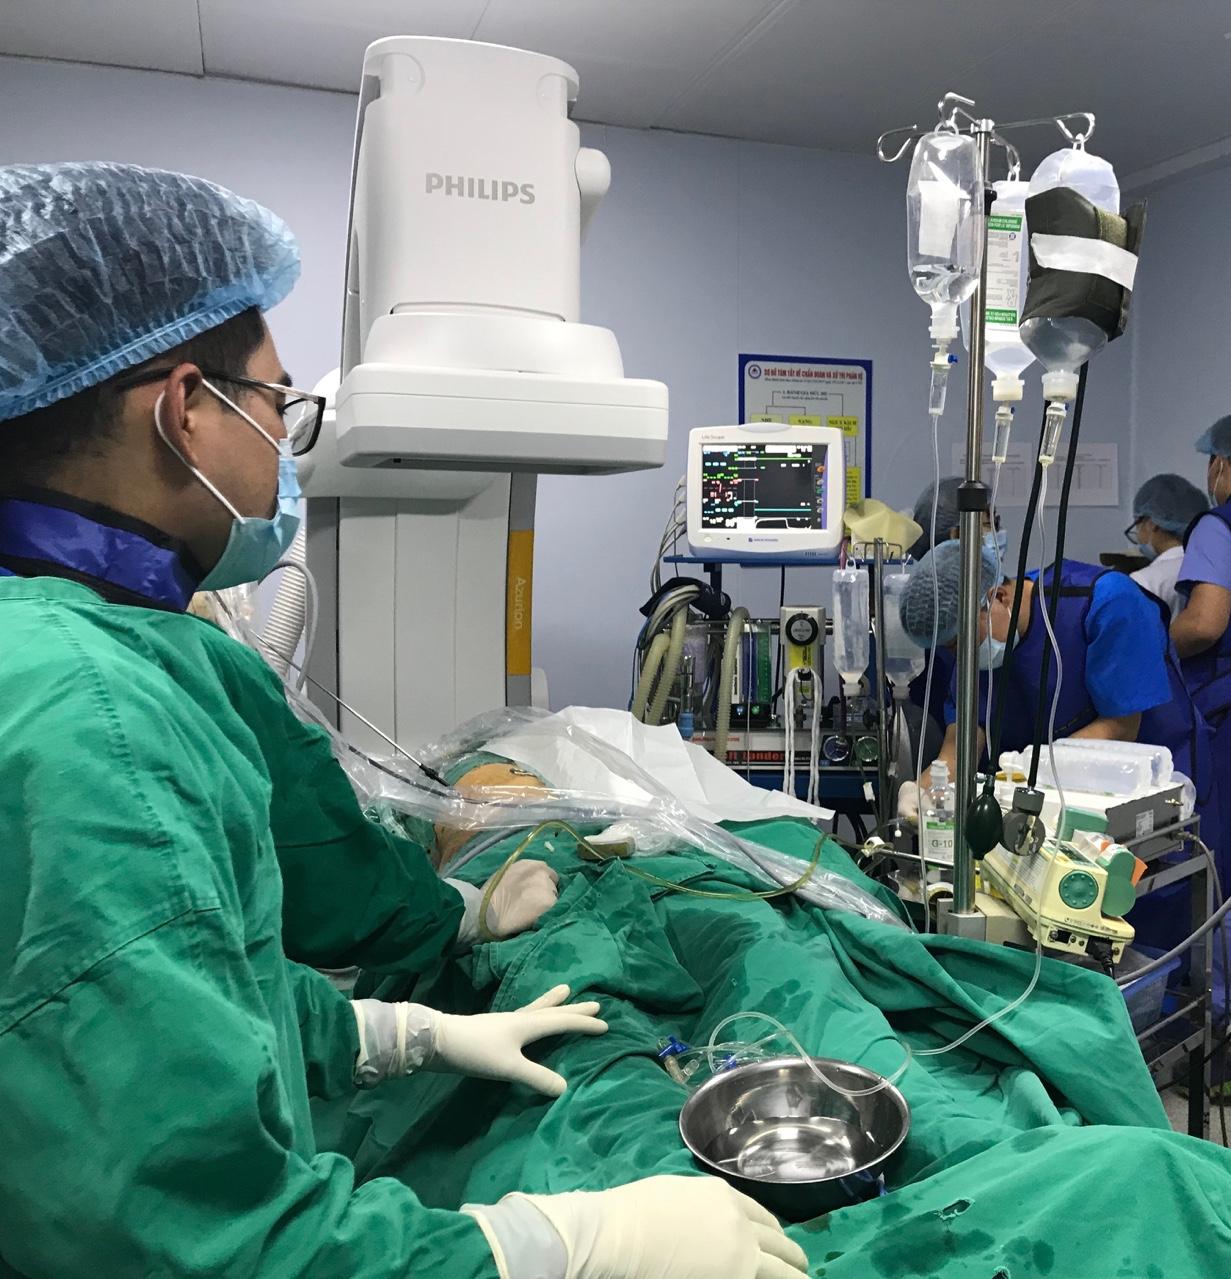 Điều trị U gan ác tính bằng phương pháp Nút mạch U gan số hóa xóa nền tại Bệnh viện đa khoa Nông nghiệp